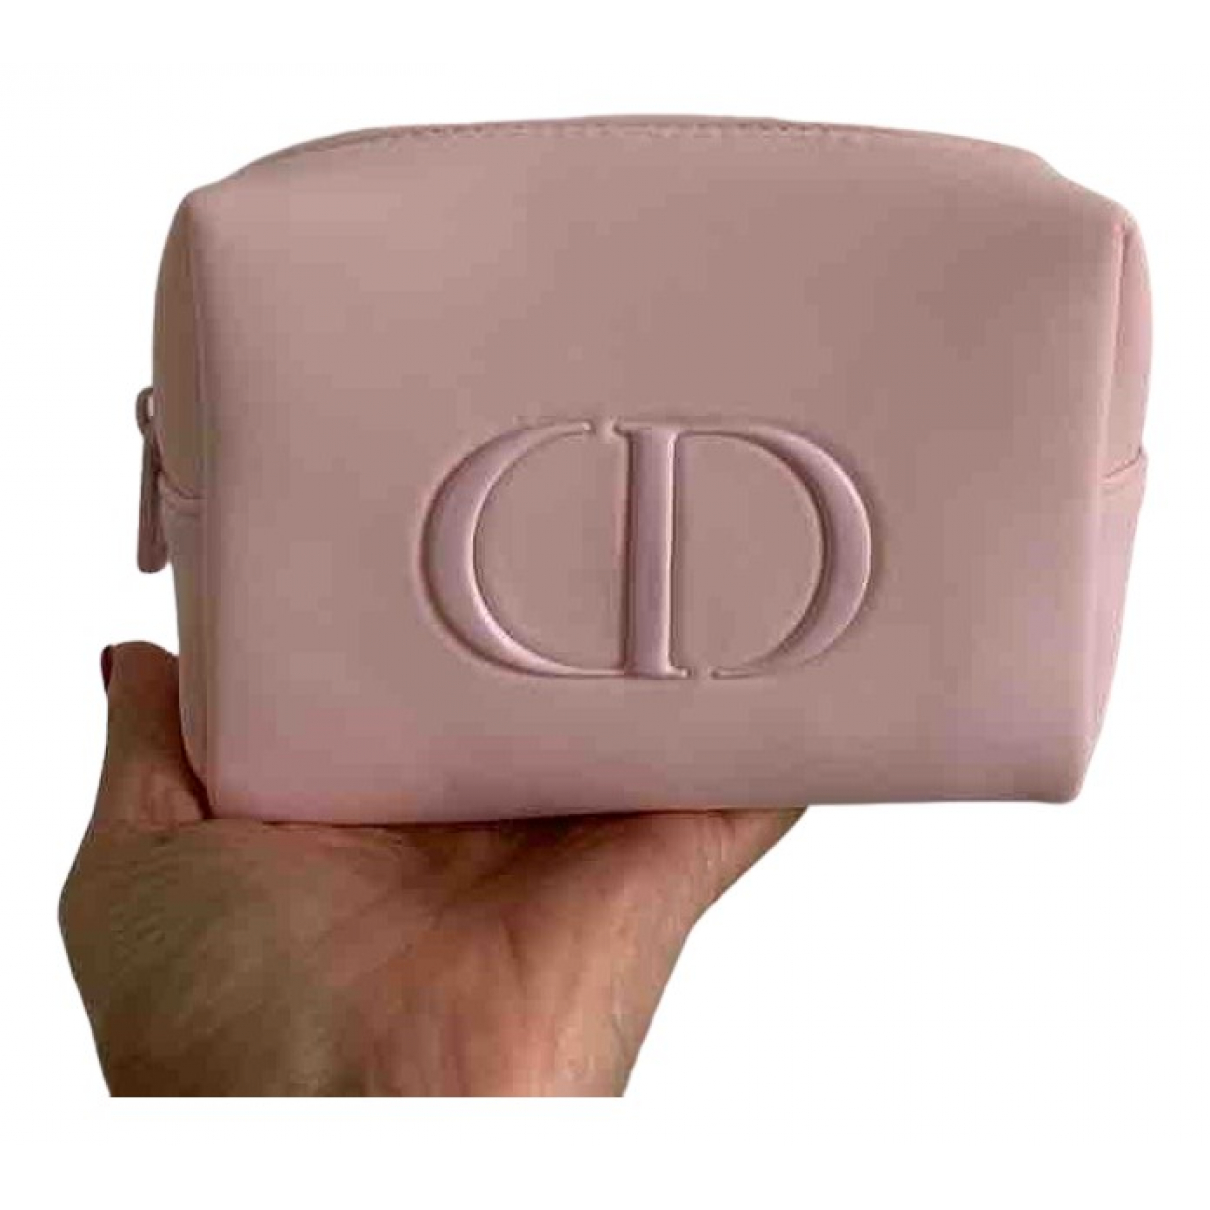 Dior - Petite maroquinerie   pour femme - rose